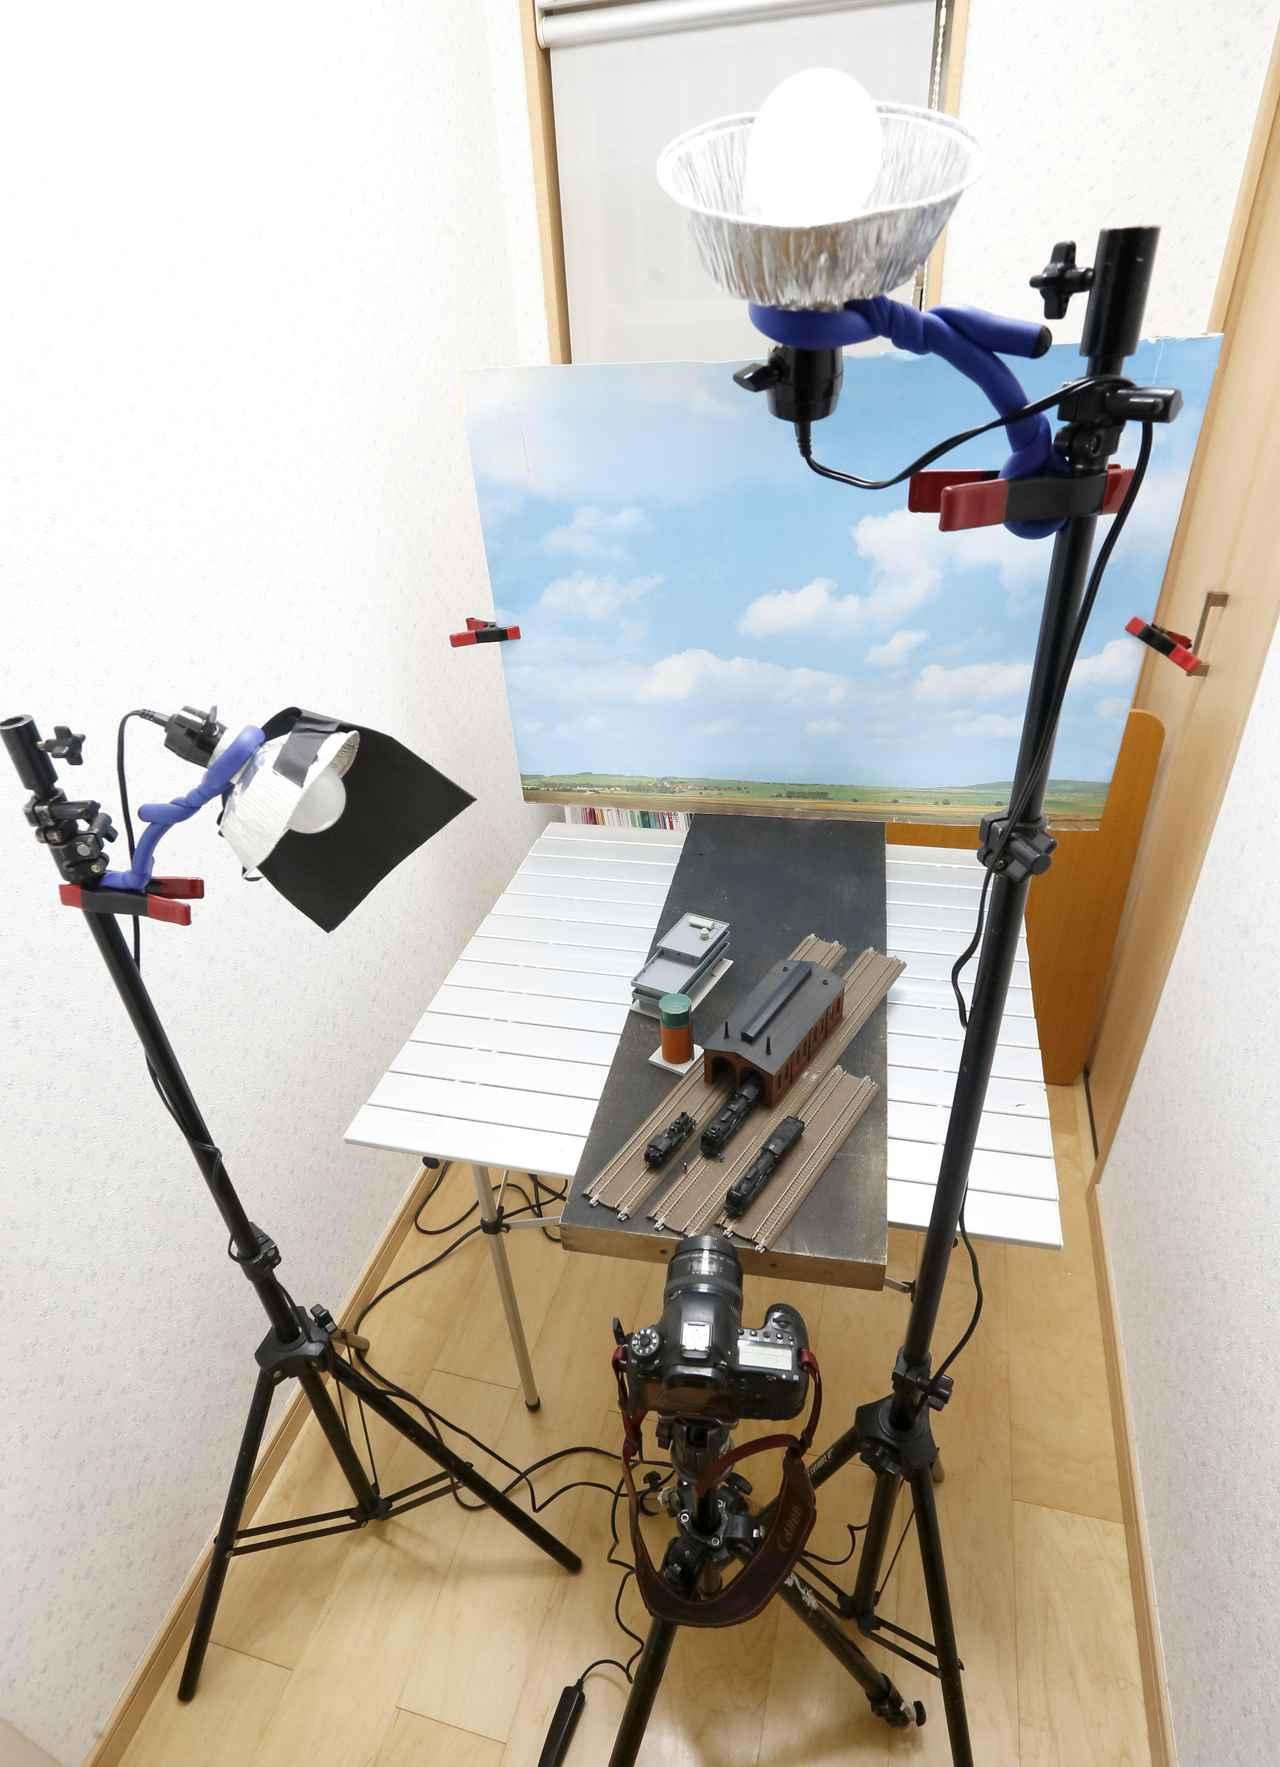 画像: ▲ジオラマとも呼べない簡単な部材の配置でも、カメラから見れば、ひとつのまとまった風景に見える。撮影のためにはこれで十分なのだ。